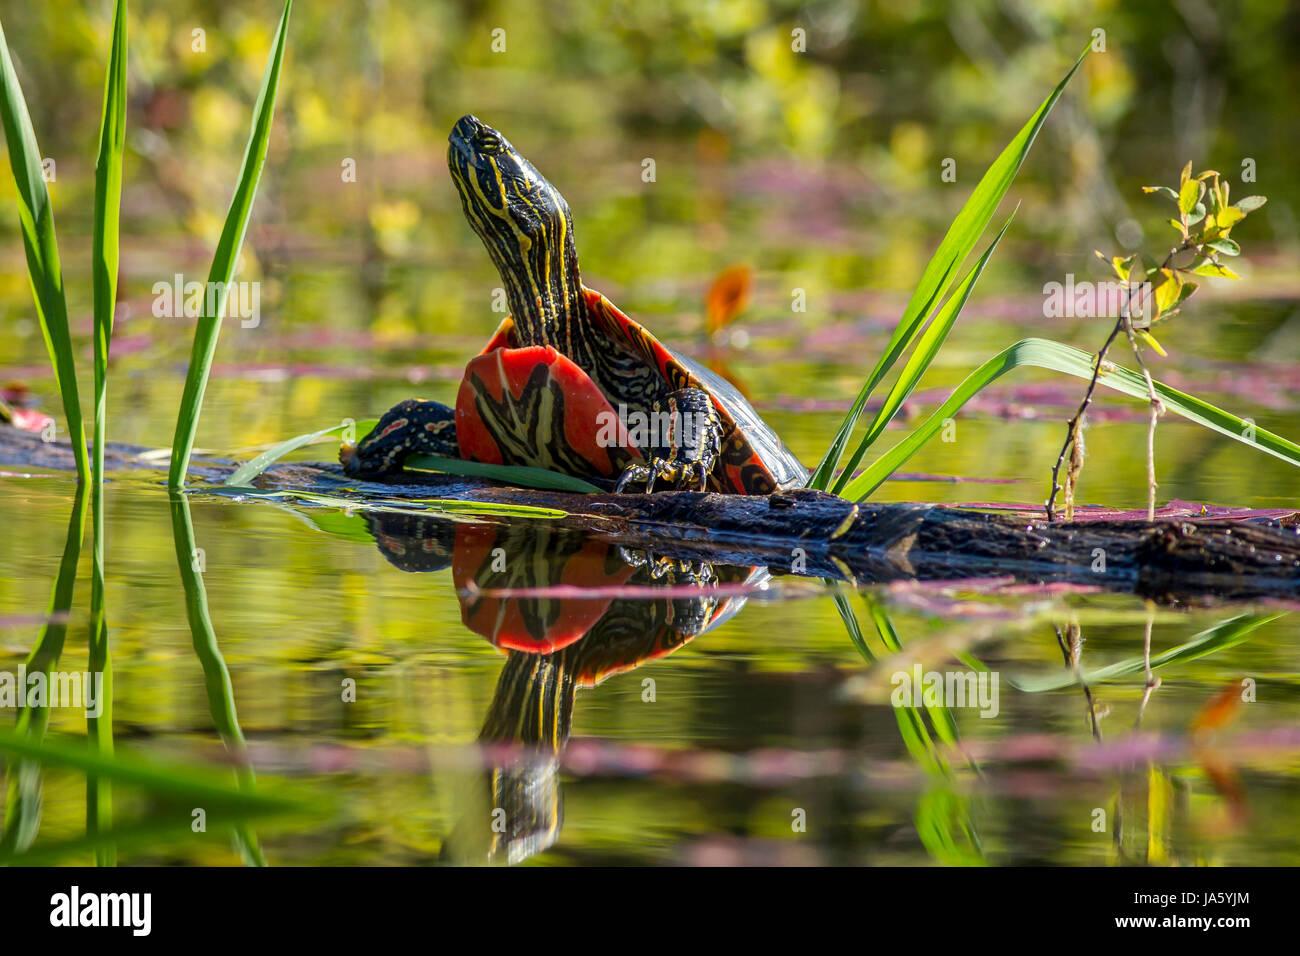 Una tortuga pintada descansa sobre un registro en aguas tranquilas en Twin Lakes, Idaho. Imagen De Stock